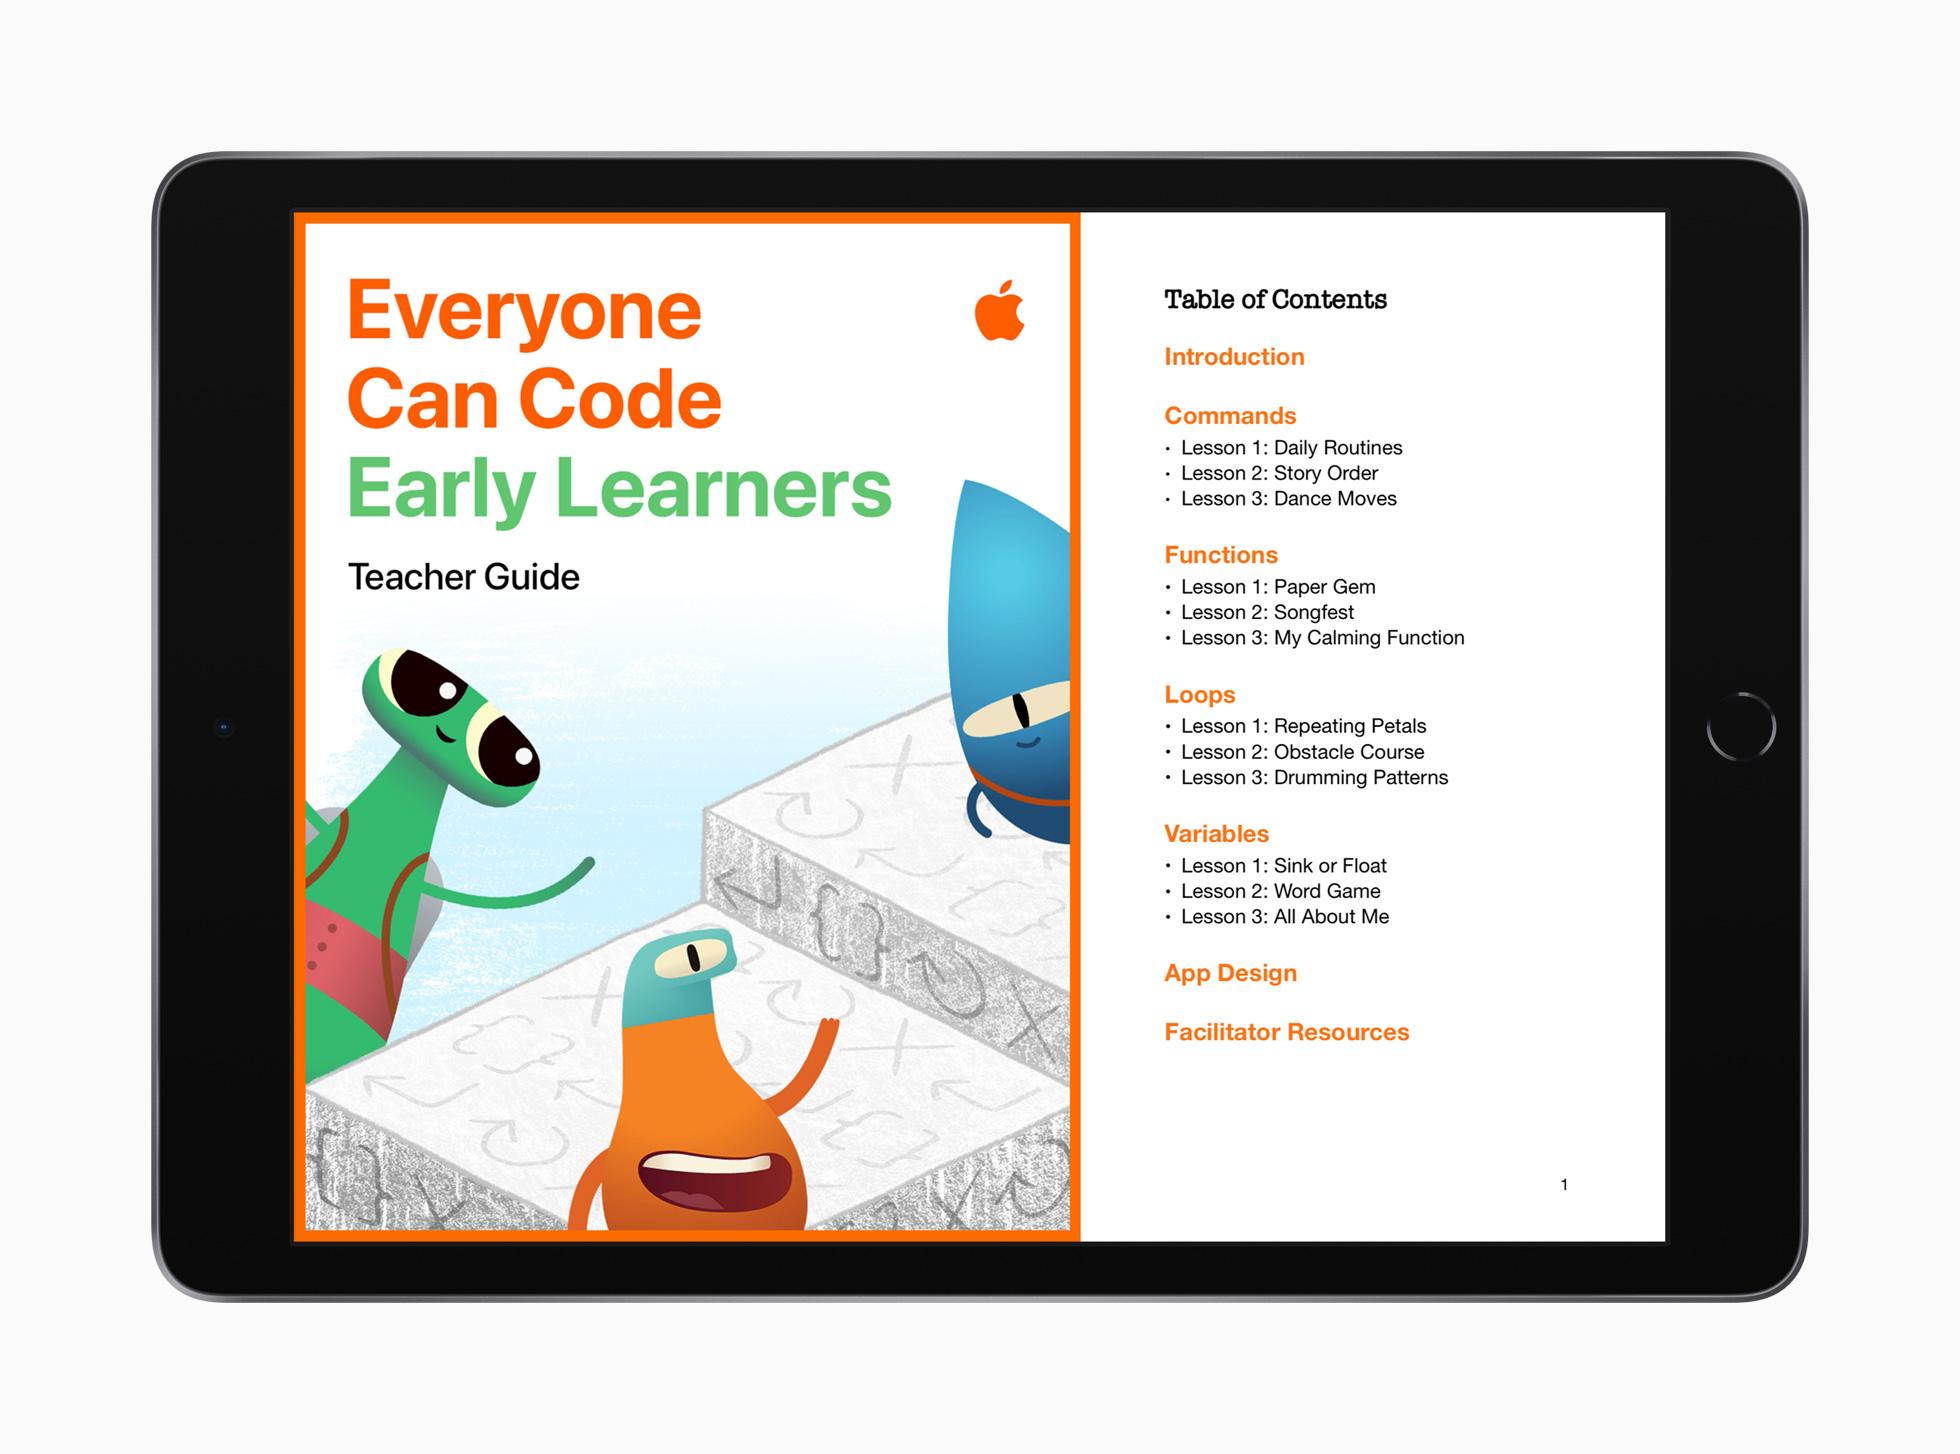 모든 사람을 위한 코딩 가이드...애플, 새로운 코딩 및 포괄적인 디자인 리소스 공개